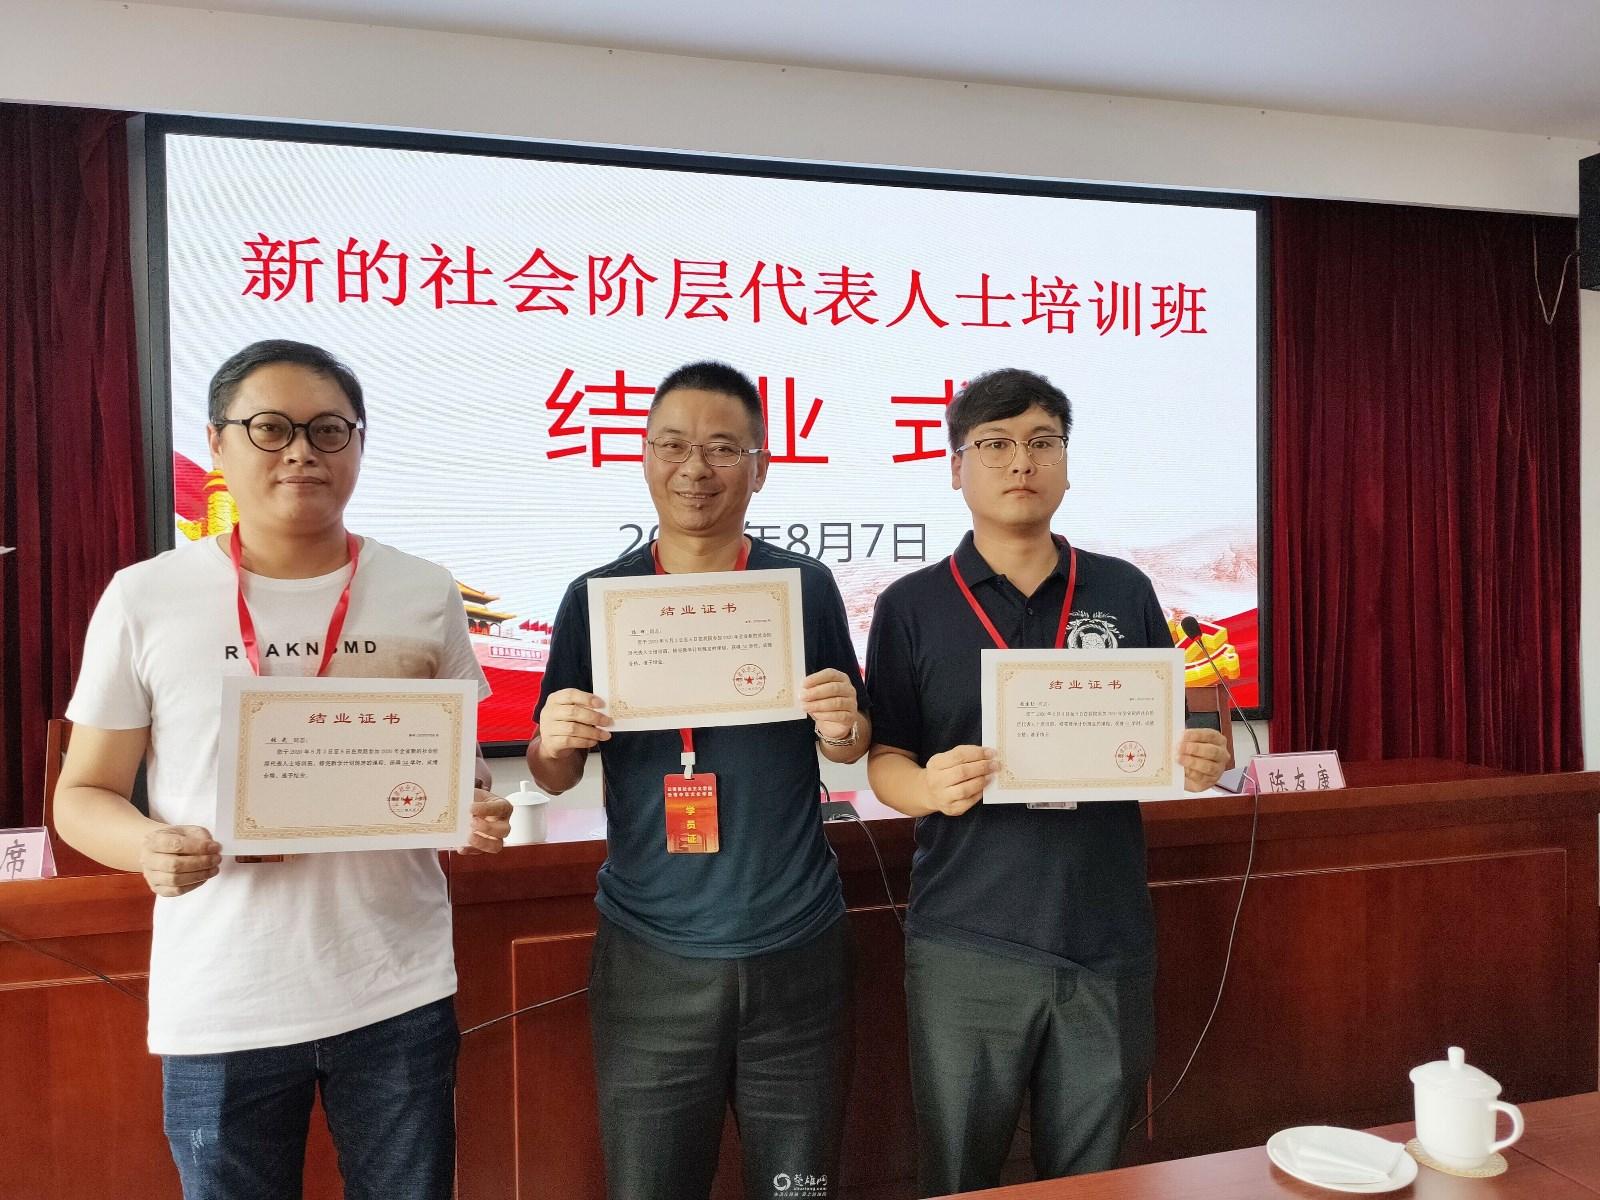 楚雄新阶人士代表参加全省新的社会阶层代表人士培训班专题培训